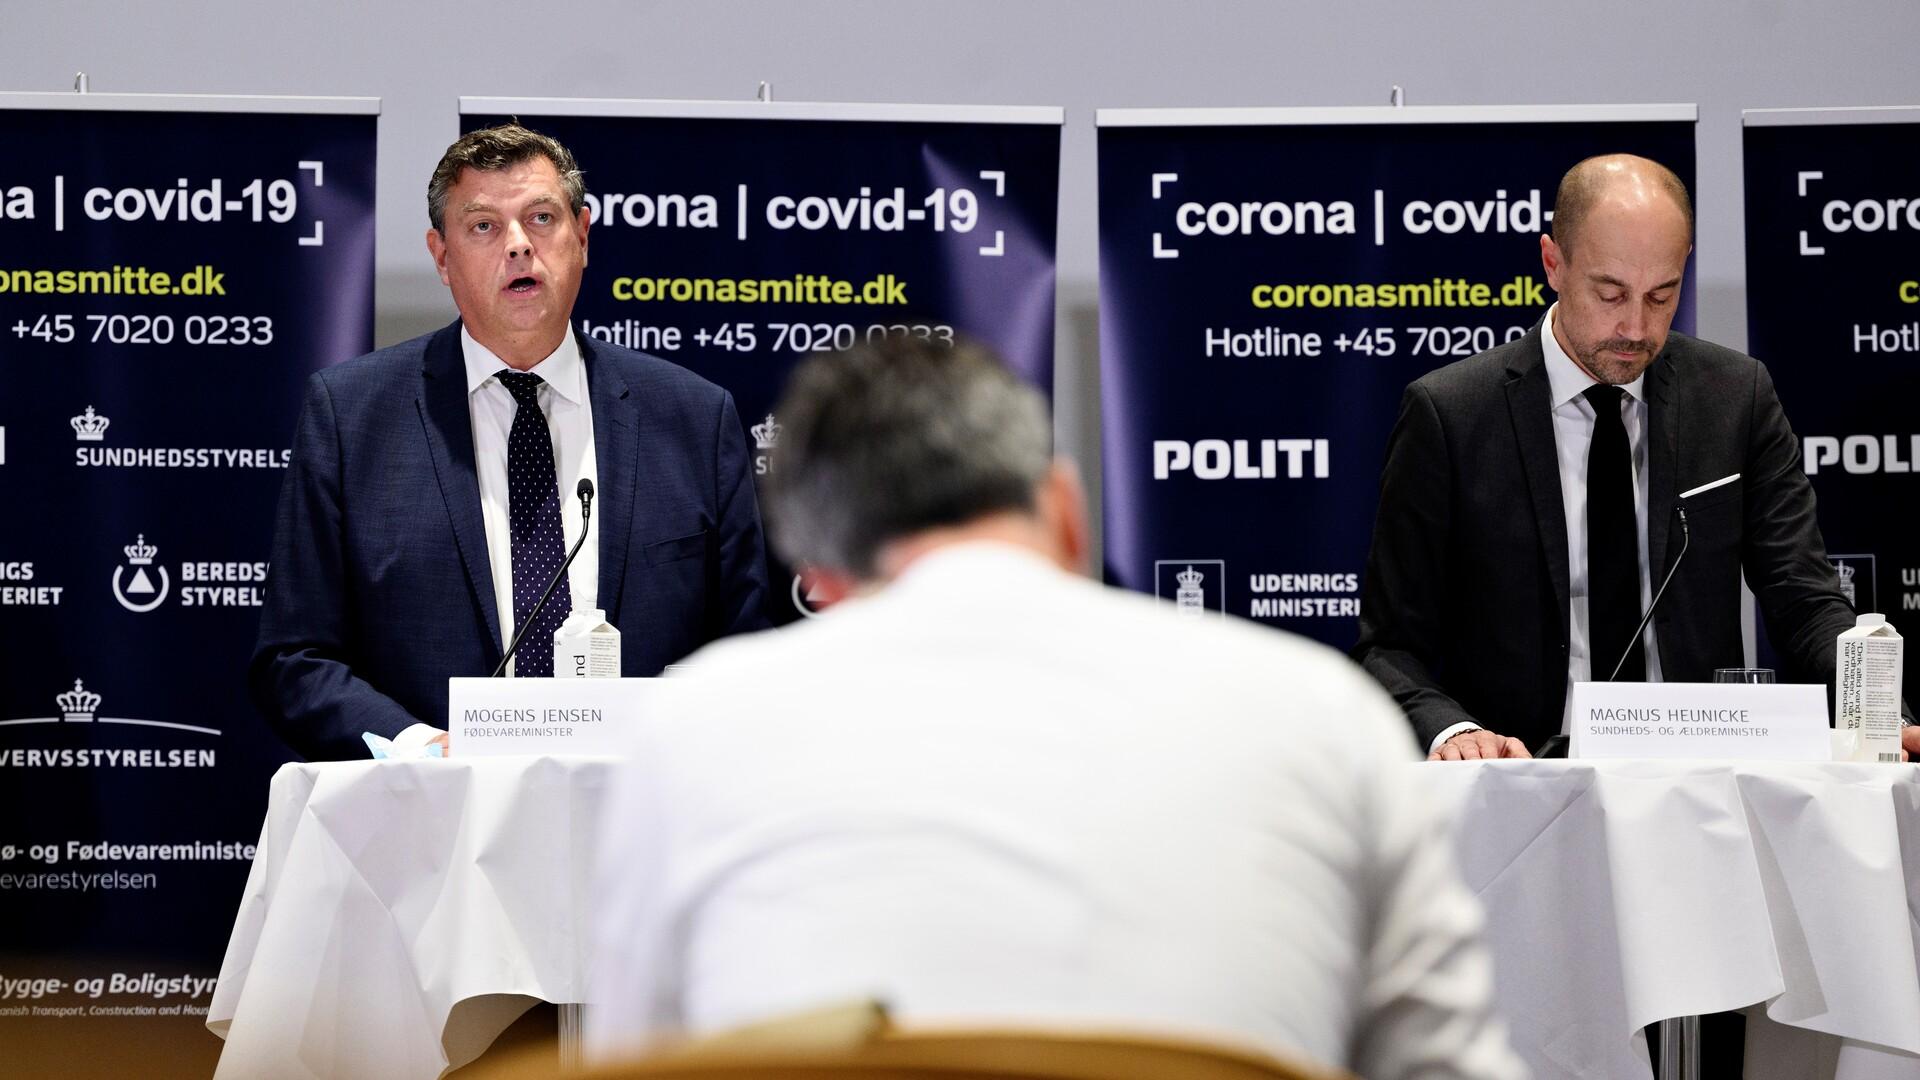 Jan Kristoffersen: Regeringens dødsdom over dansk minkavl viser, hvorfor den gældende epidemilov er en trussel mod vores fundamentale rettigheder